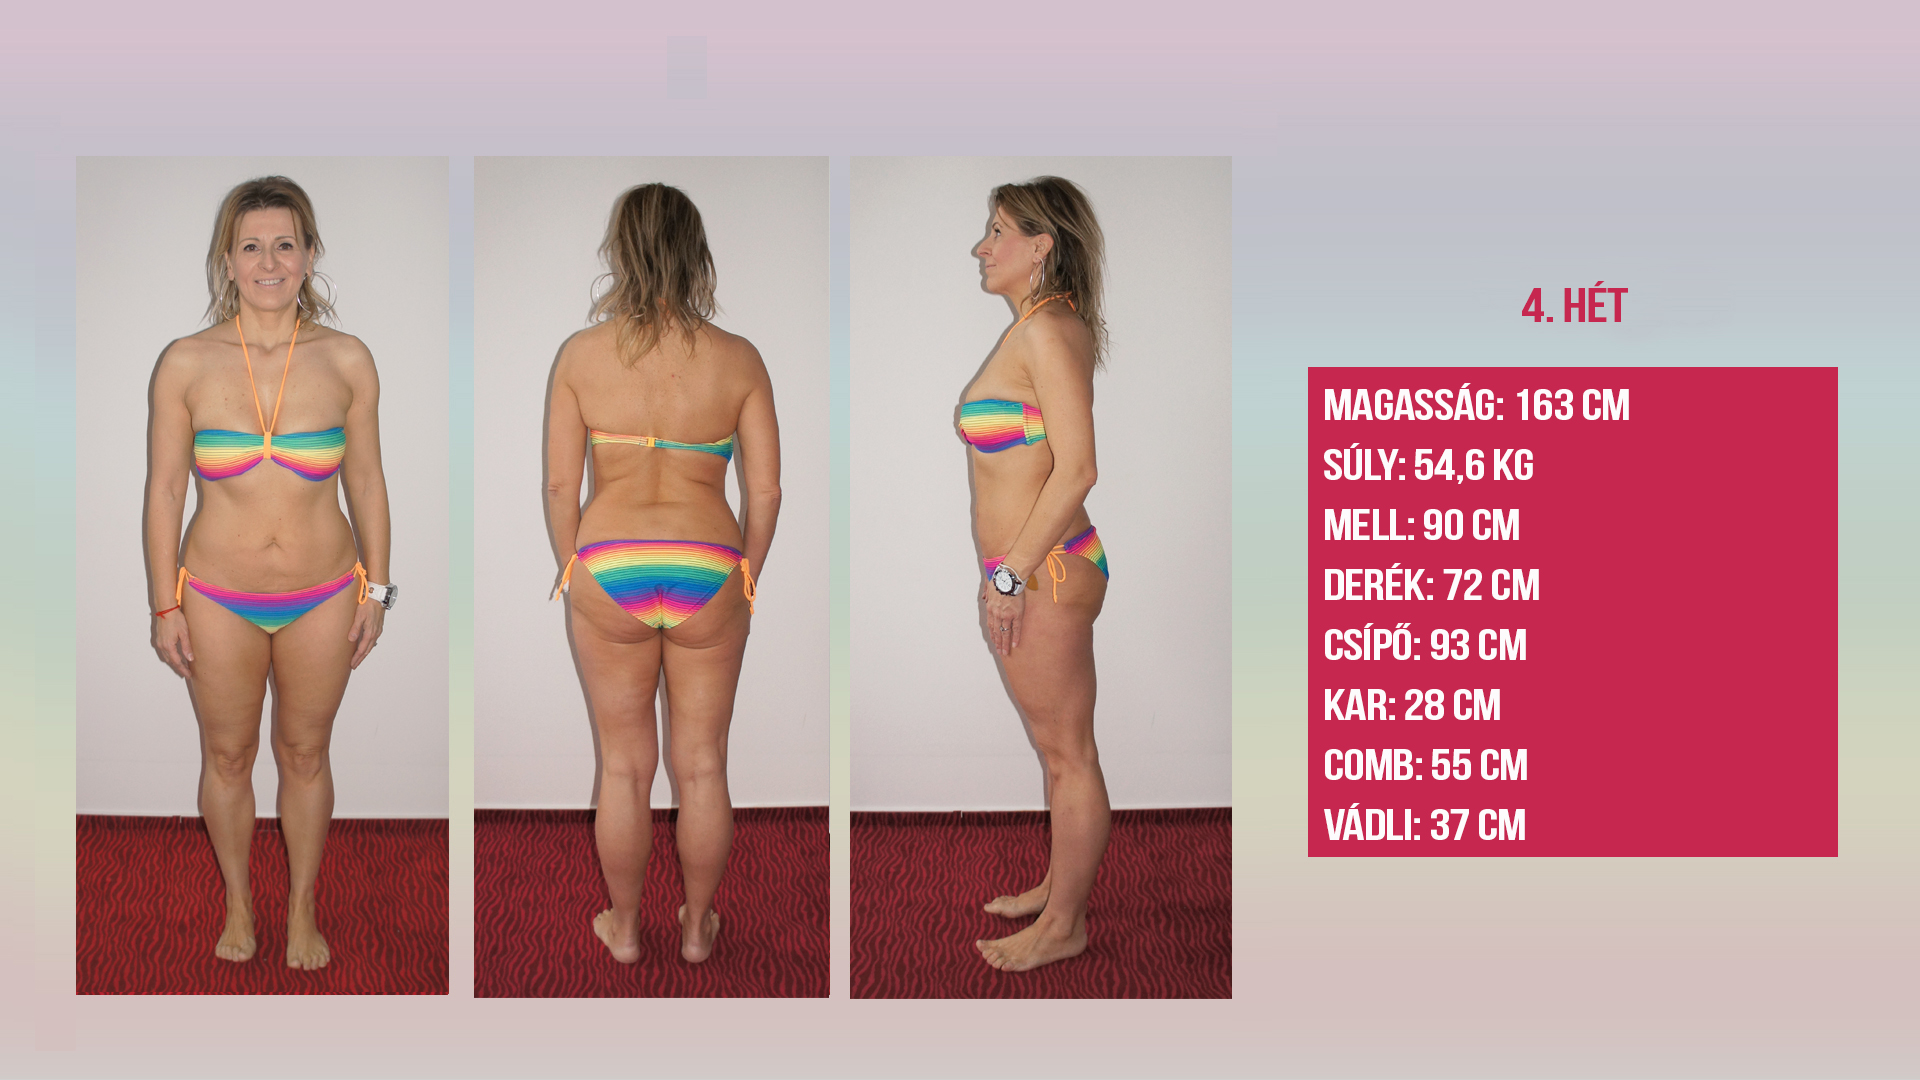 45 évesen, cukorbetegen 30 kilót fogyott és fitneszmodell lett a magyar anyuka | nlc